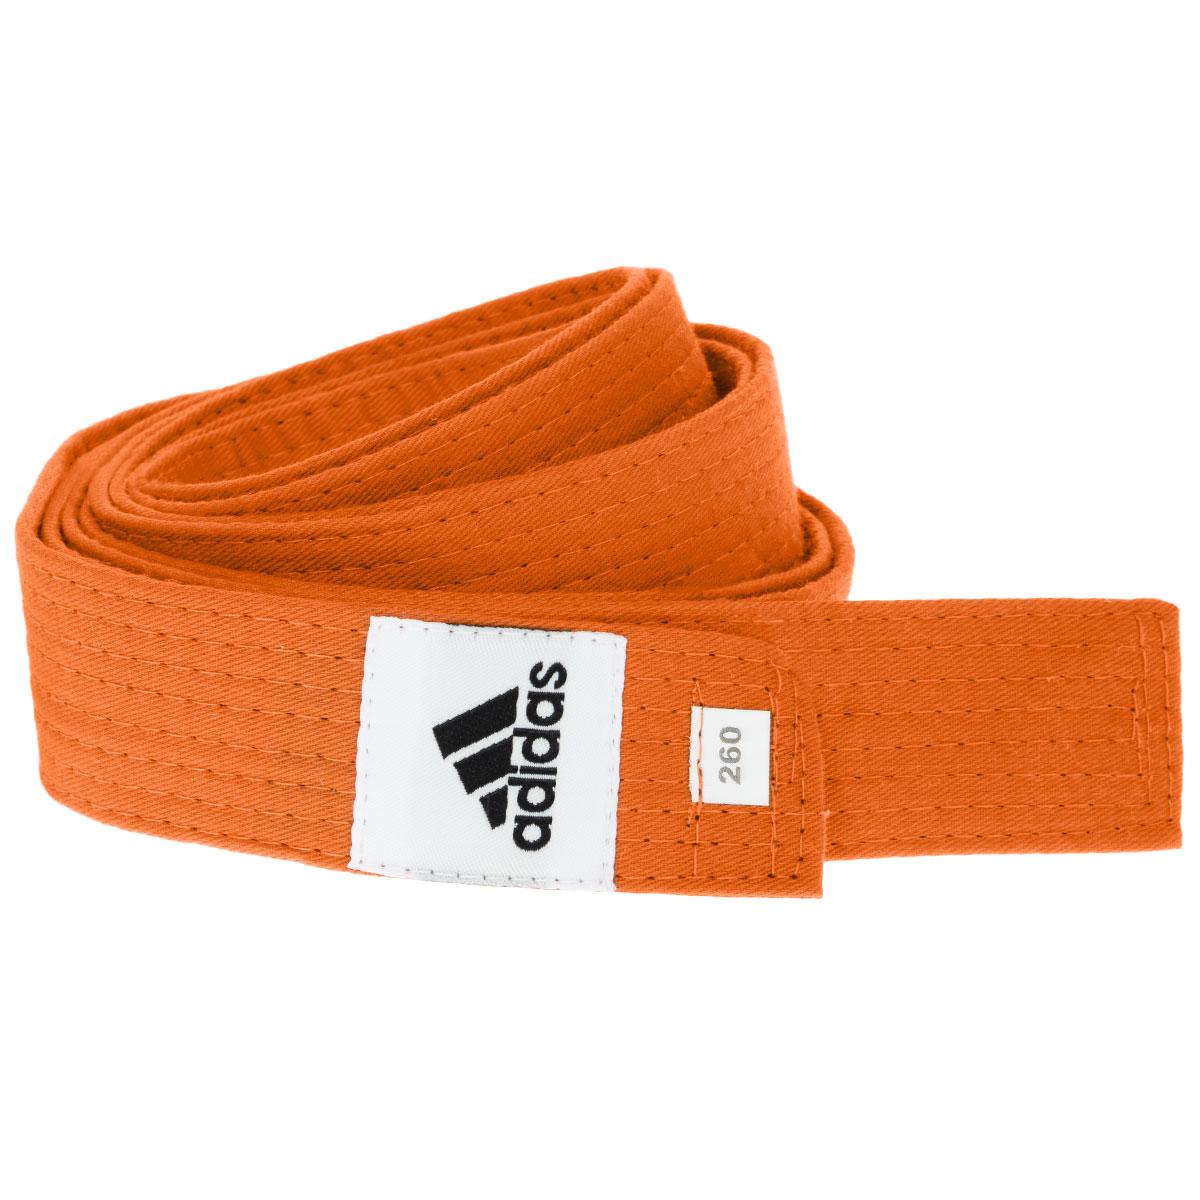 Пояс для единоборств adidas Club, цвет: оранжевый. adiB220. Длина 260 смadiB220Пояс для единоборств adidas Club - универсальный пояс для кимоно. Пояс выполнен из плотного хлопкового материала с прострочкой.Такой пояс - необходимый аксессуар для тех, кто занимается боевыми искусствами.